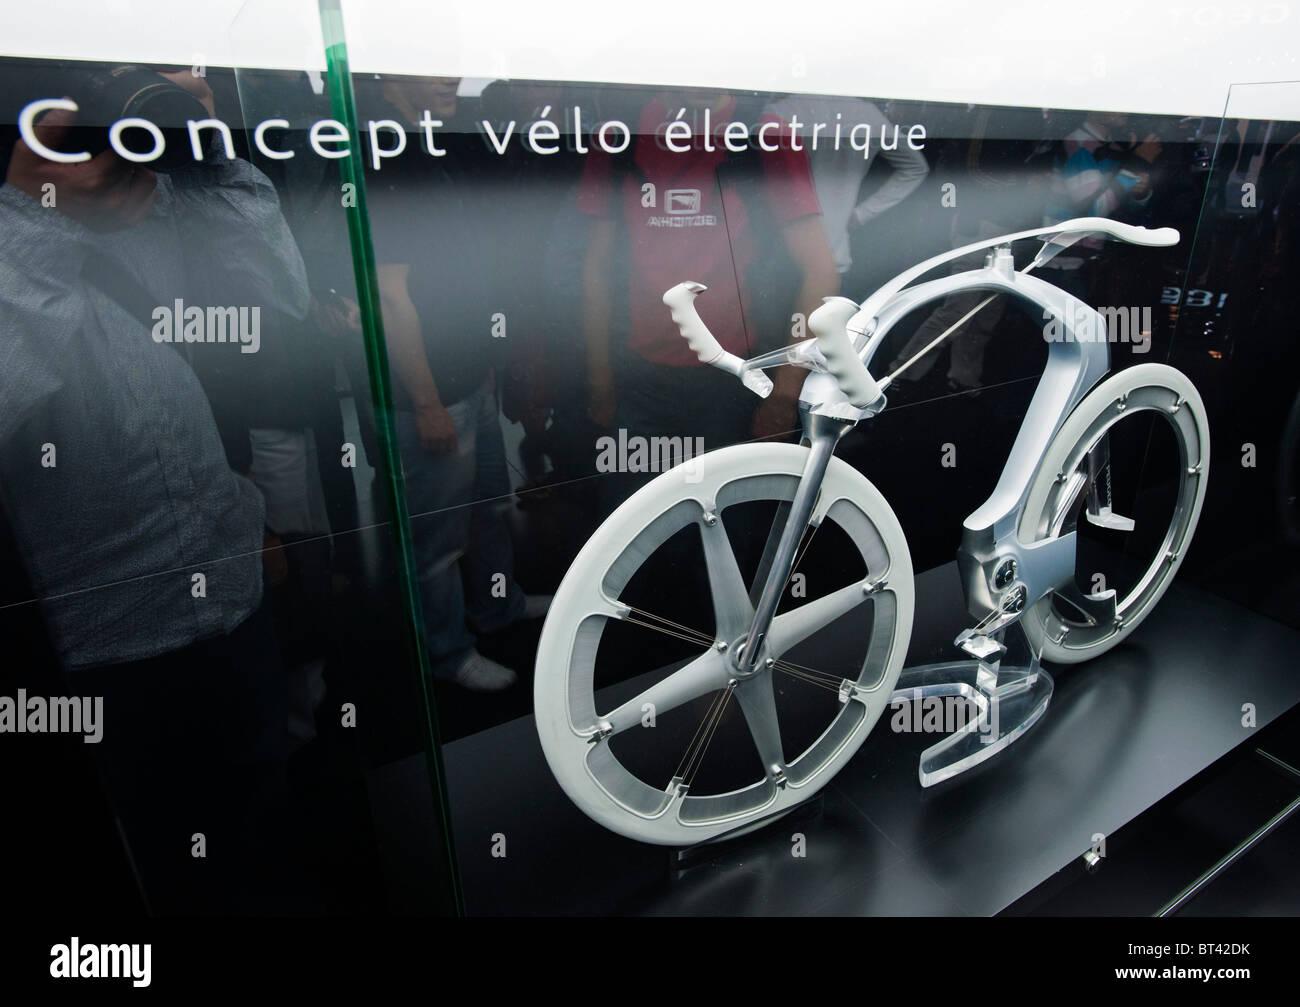 Konzept für Elektro-Fahrrad von Peugeot auf der Paris Motor Show 2010 Stockbild